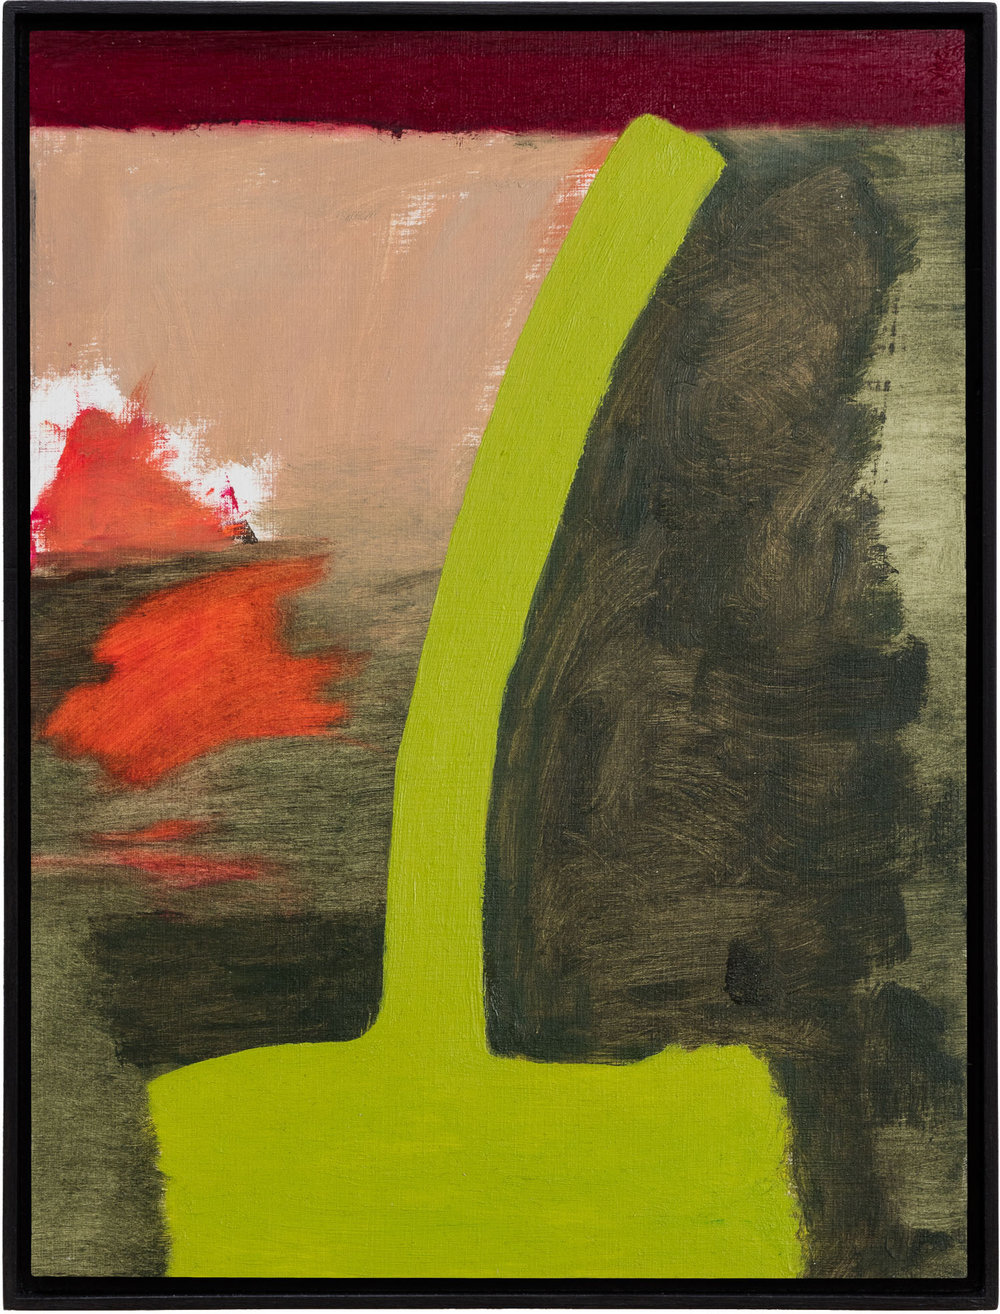 Ohne Titel, Öl auf Papier auf MDF in Künstlerrahmen, 39,8 x 29,7 cm